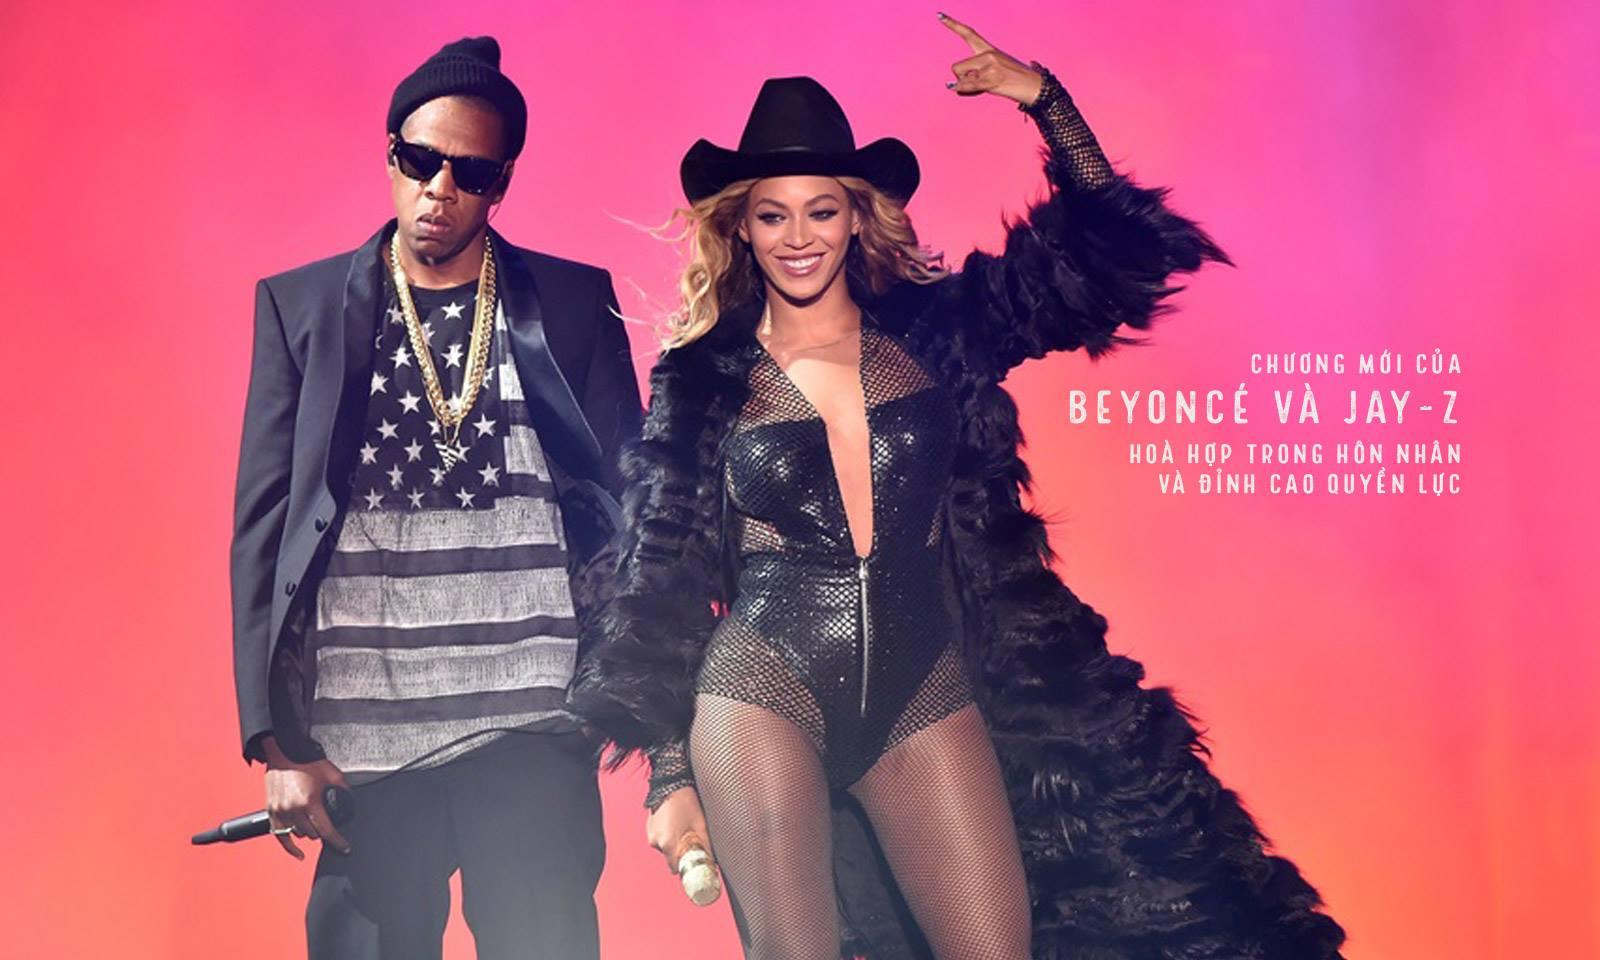 Chương mới của Beyoncé và Jay-Z: Hoà hợp trong hôn nhân và đỉnh cao quyền lực